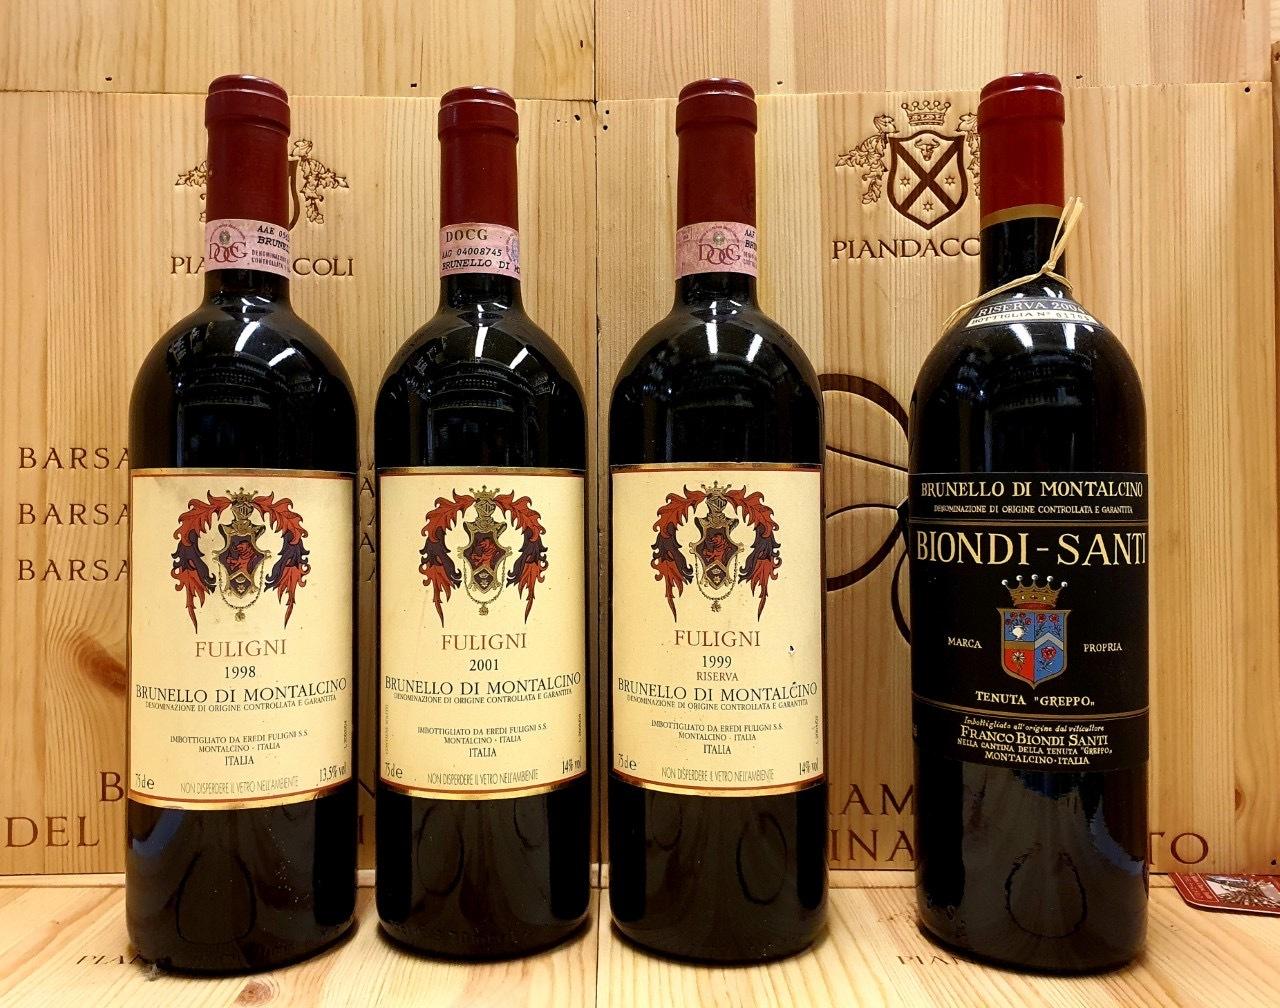 ワイン便の発送:ヴィンテージワイン、ブルネッロ、スーパータスカン、アマローネ_a0136671_18015332.jpeg